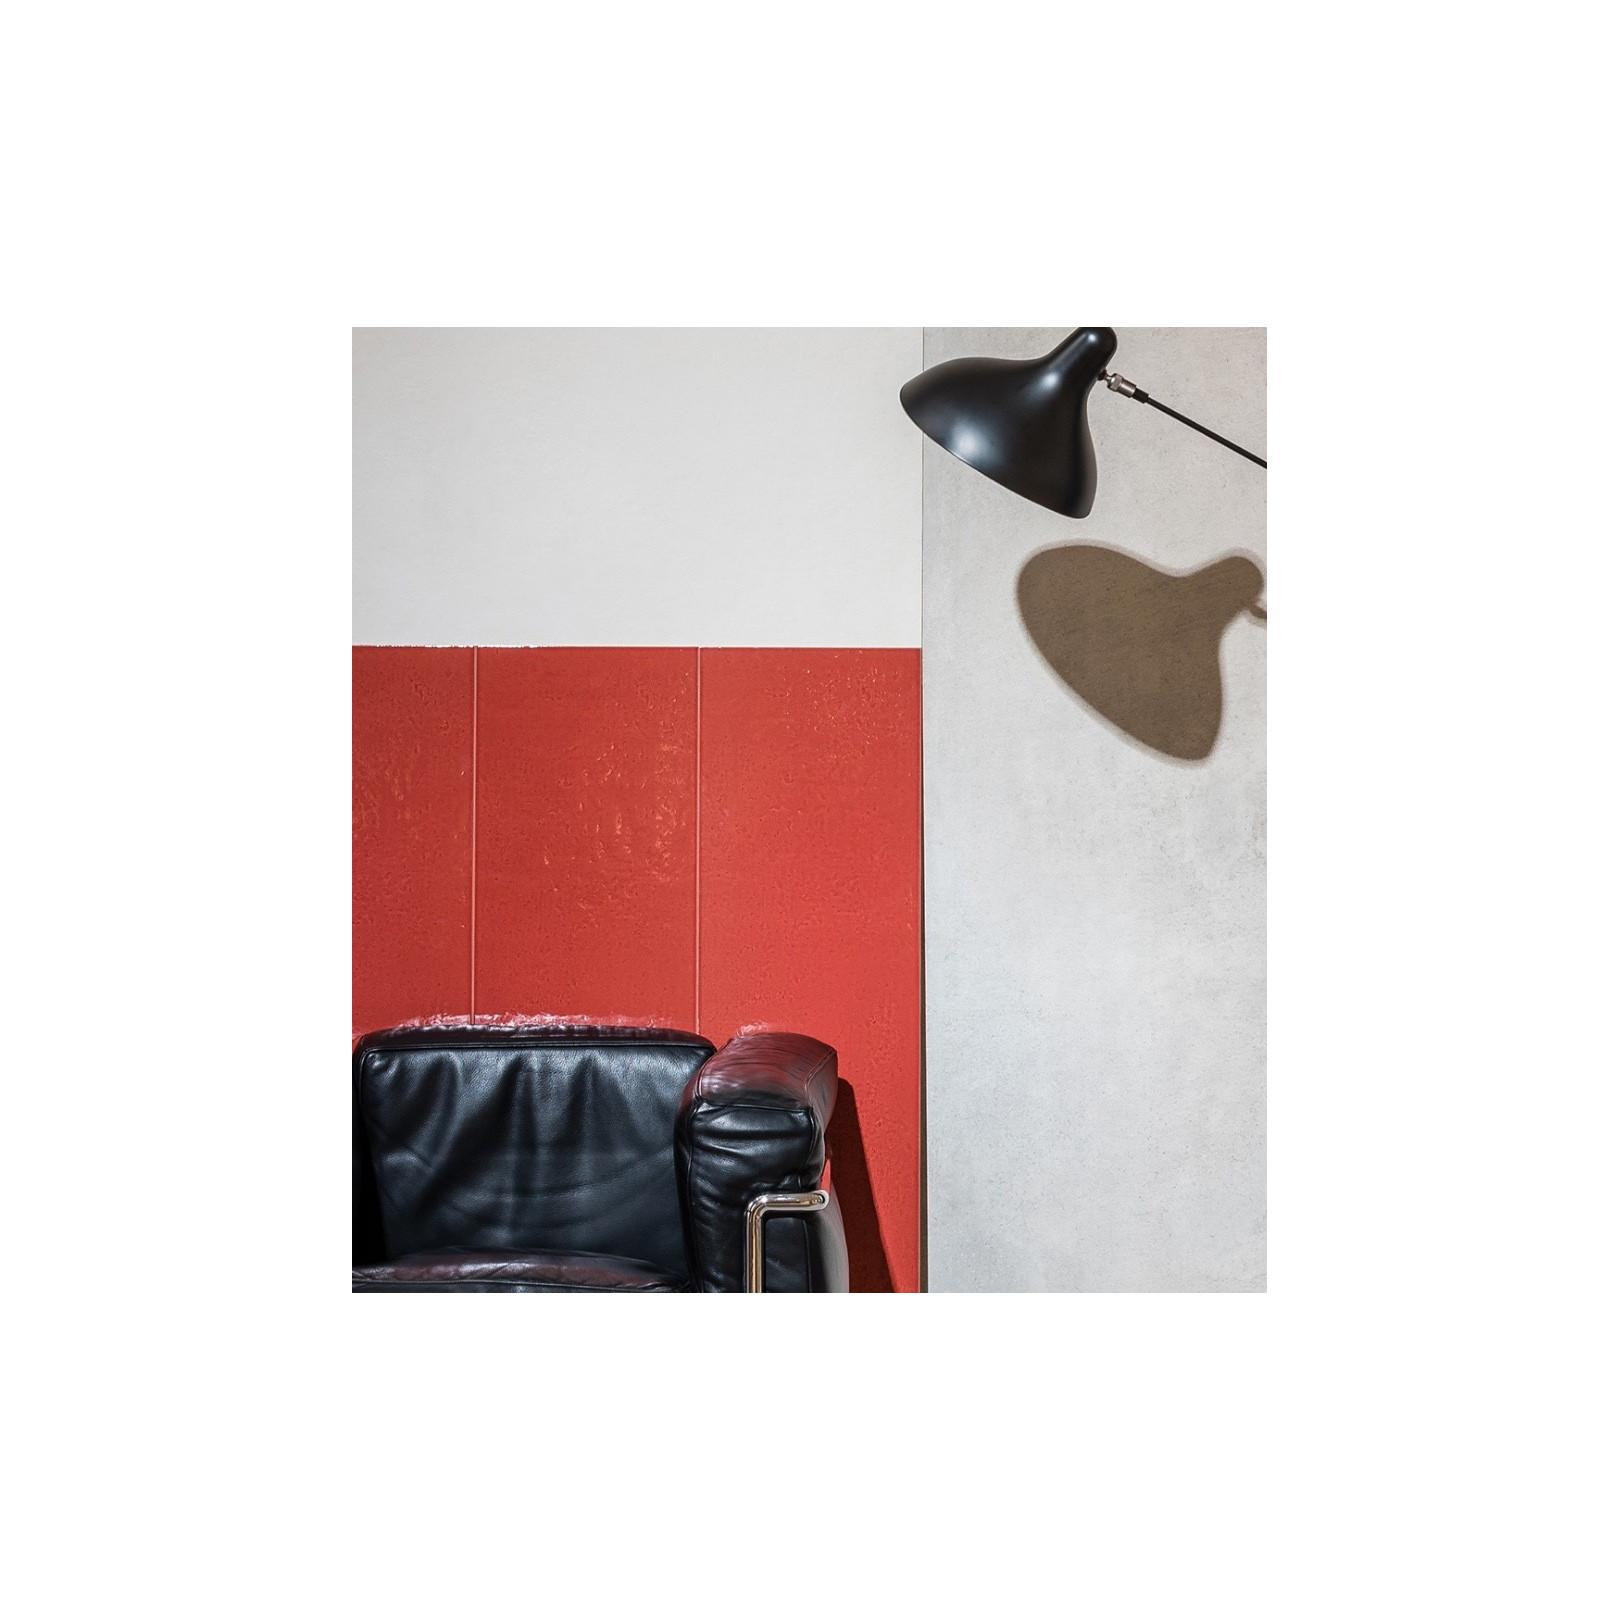 Carrelage mural faience Le Corbusier LCS1 uni brillant 120x30cm (12 couleurs)